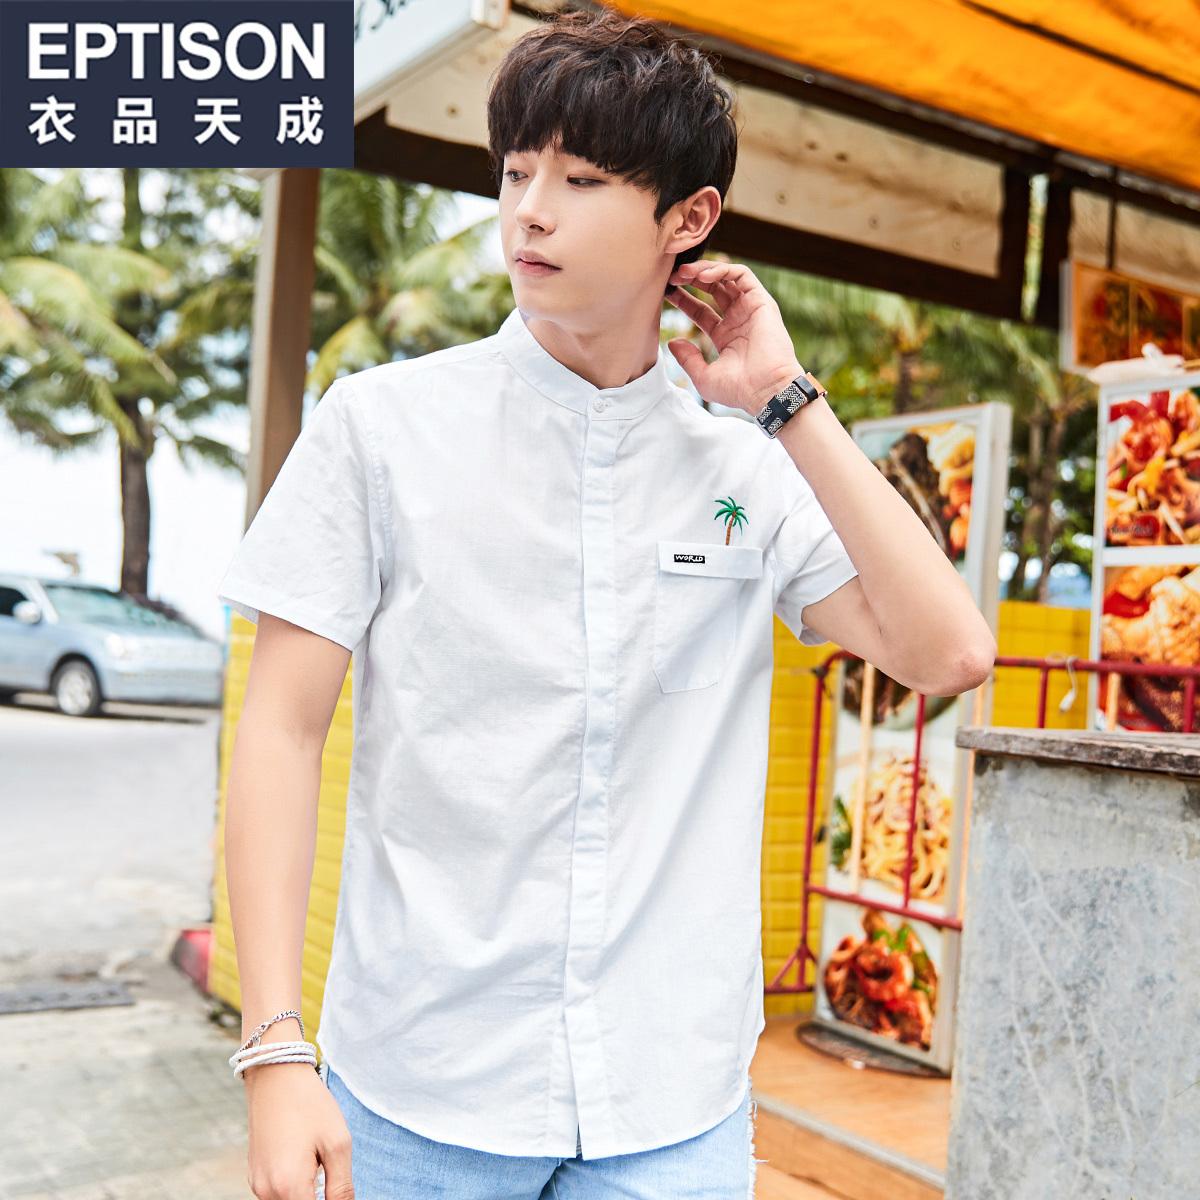 衣品天成2018夏季新款短袖衬衫男生潮流韩版纯棉尖领青年刺绣衬衣